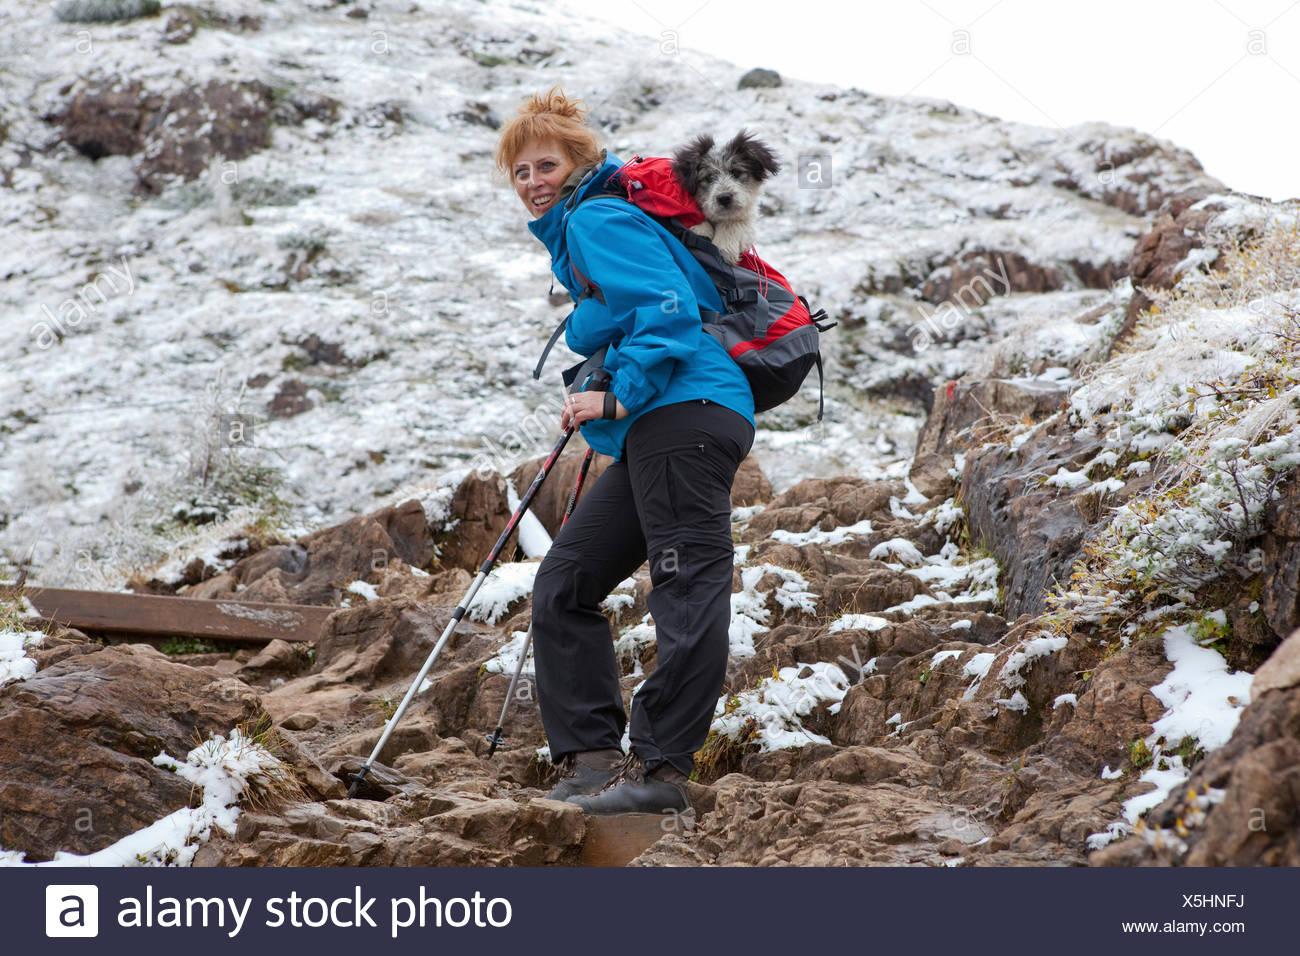 Ich suche nach Verabredungen mit Mnnern & Frauen in Tirol